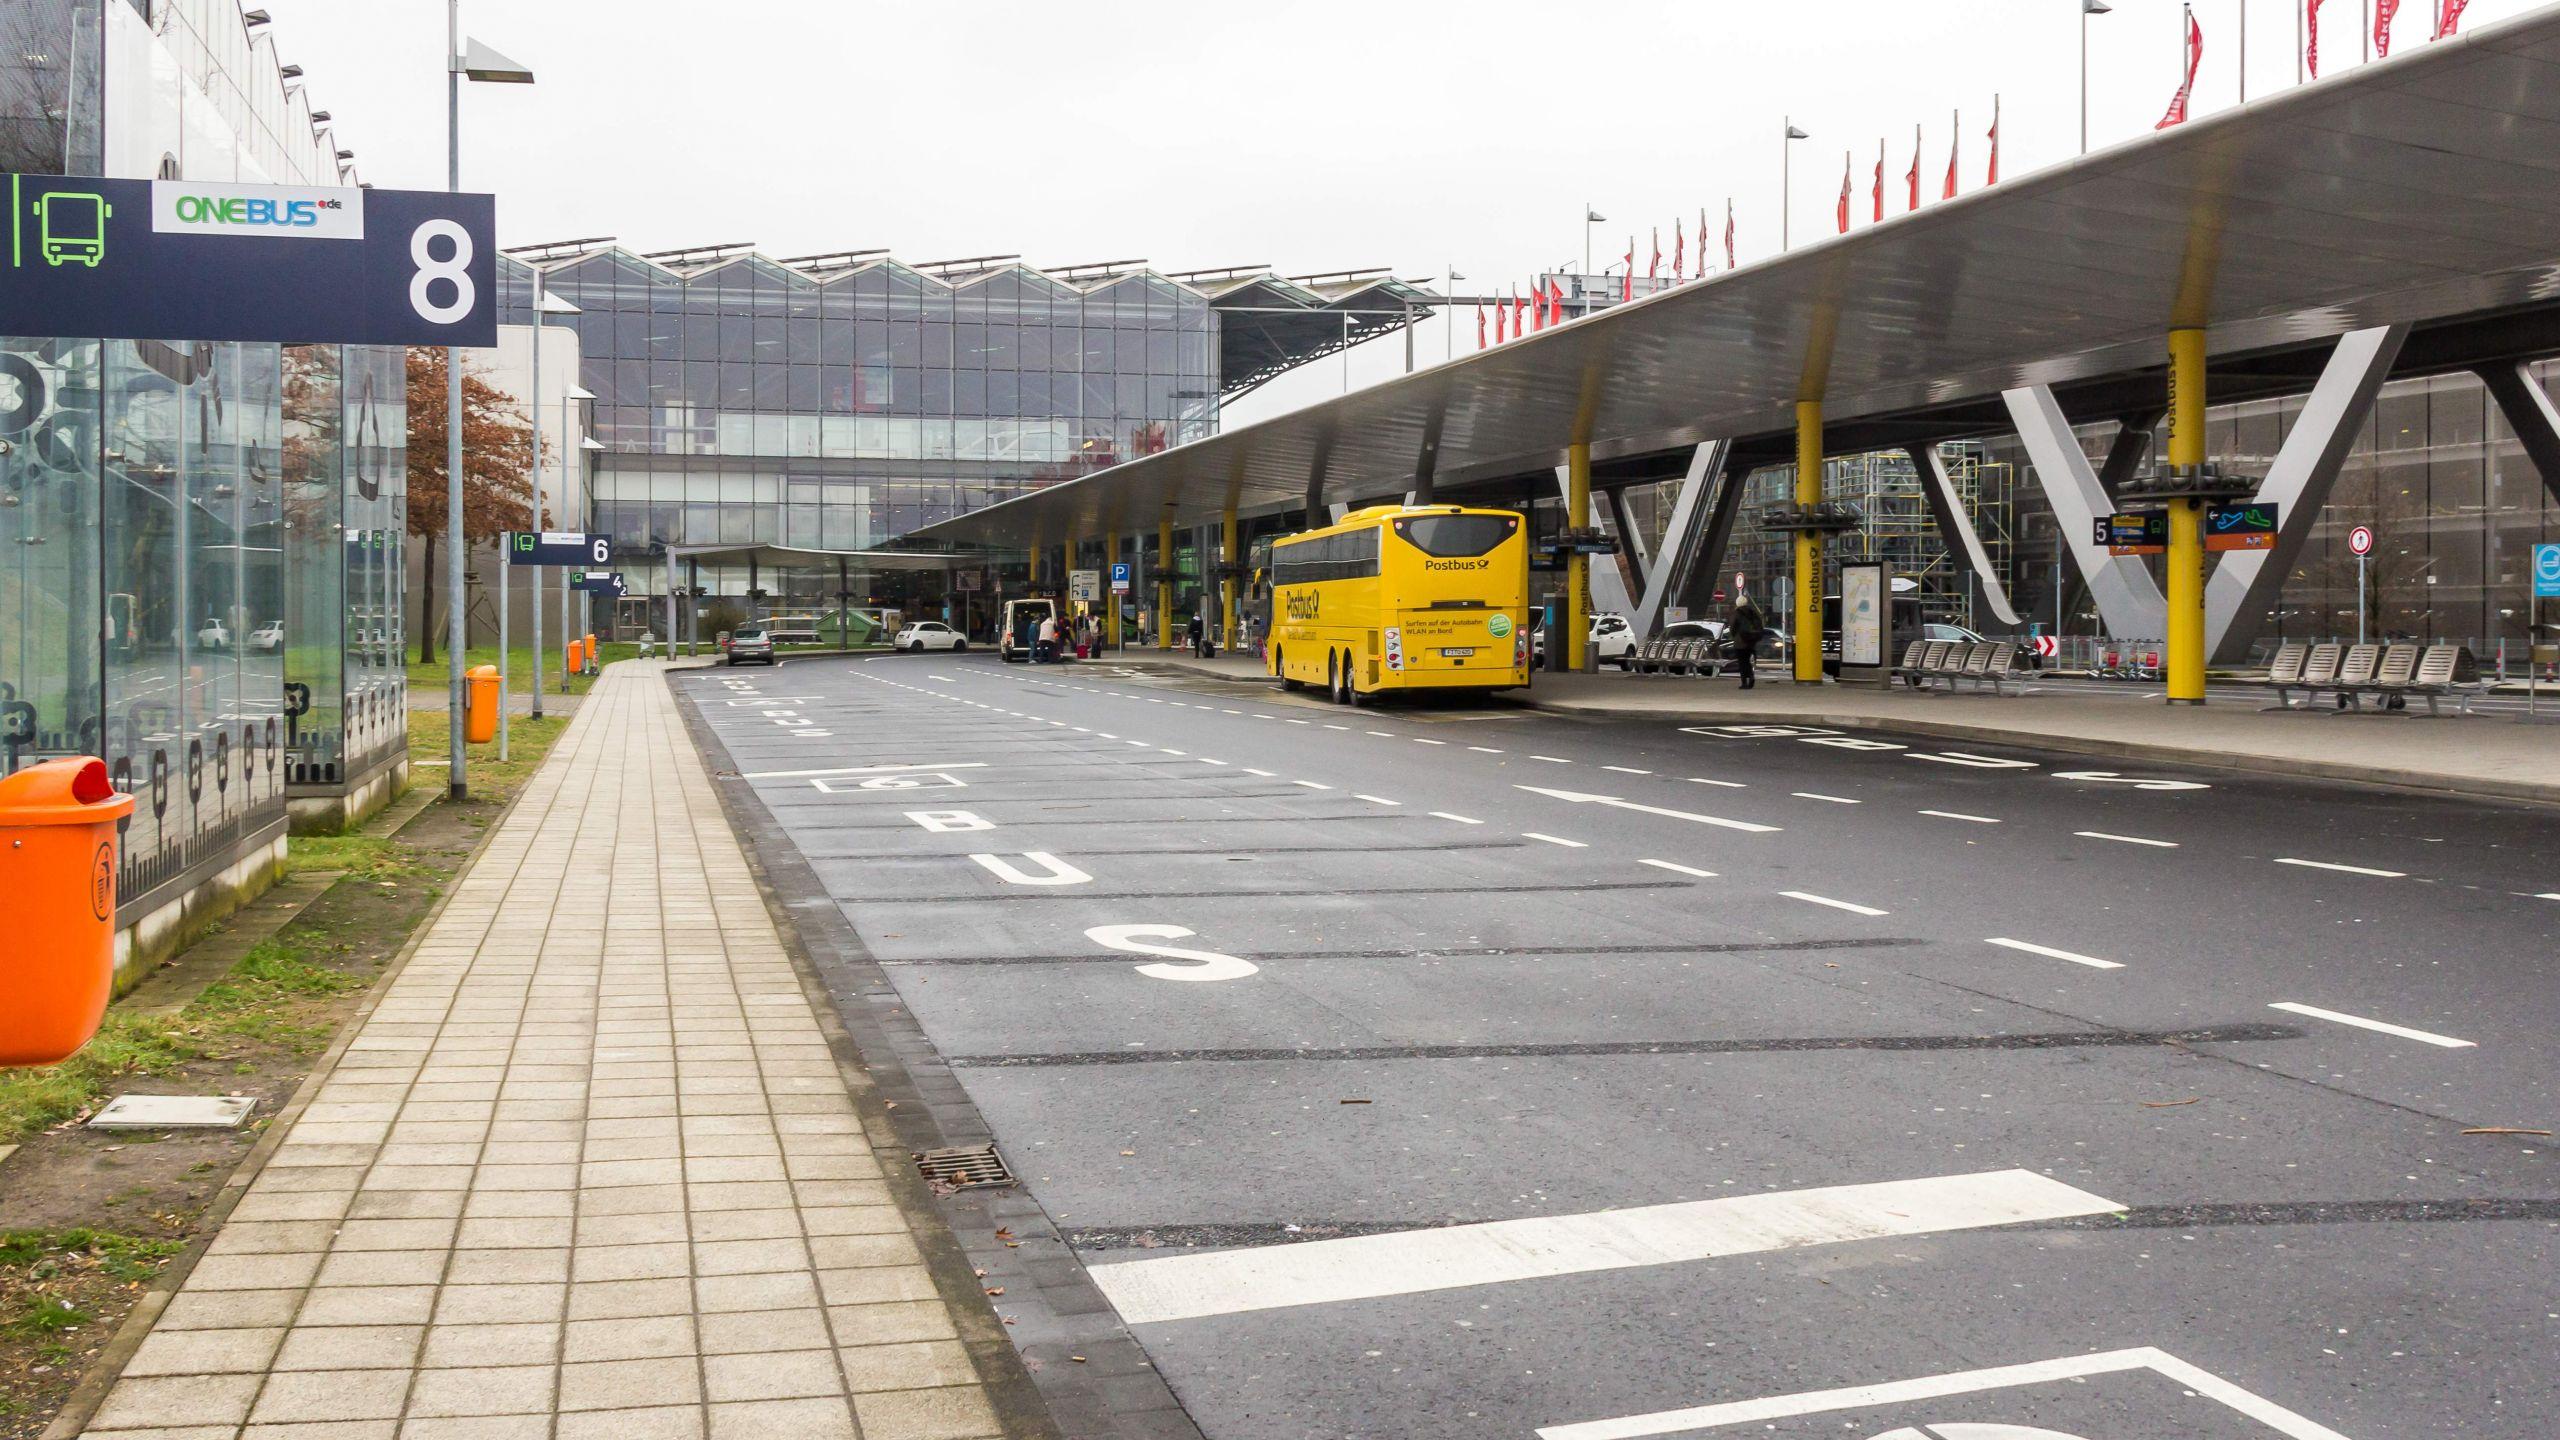 Fernbusbahnhof Airport Köln Bonn 7048